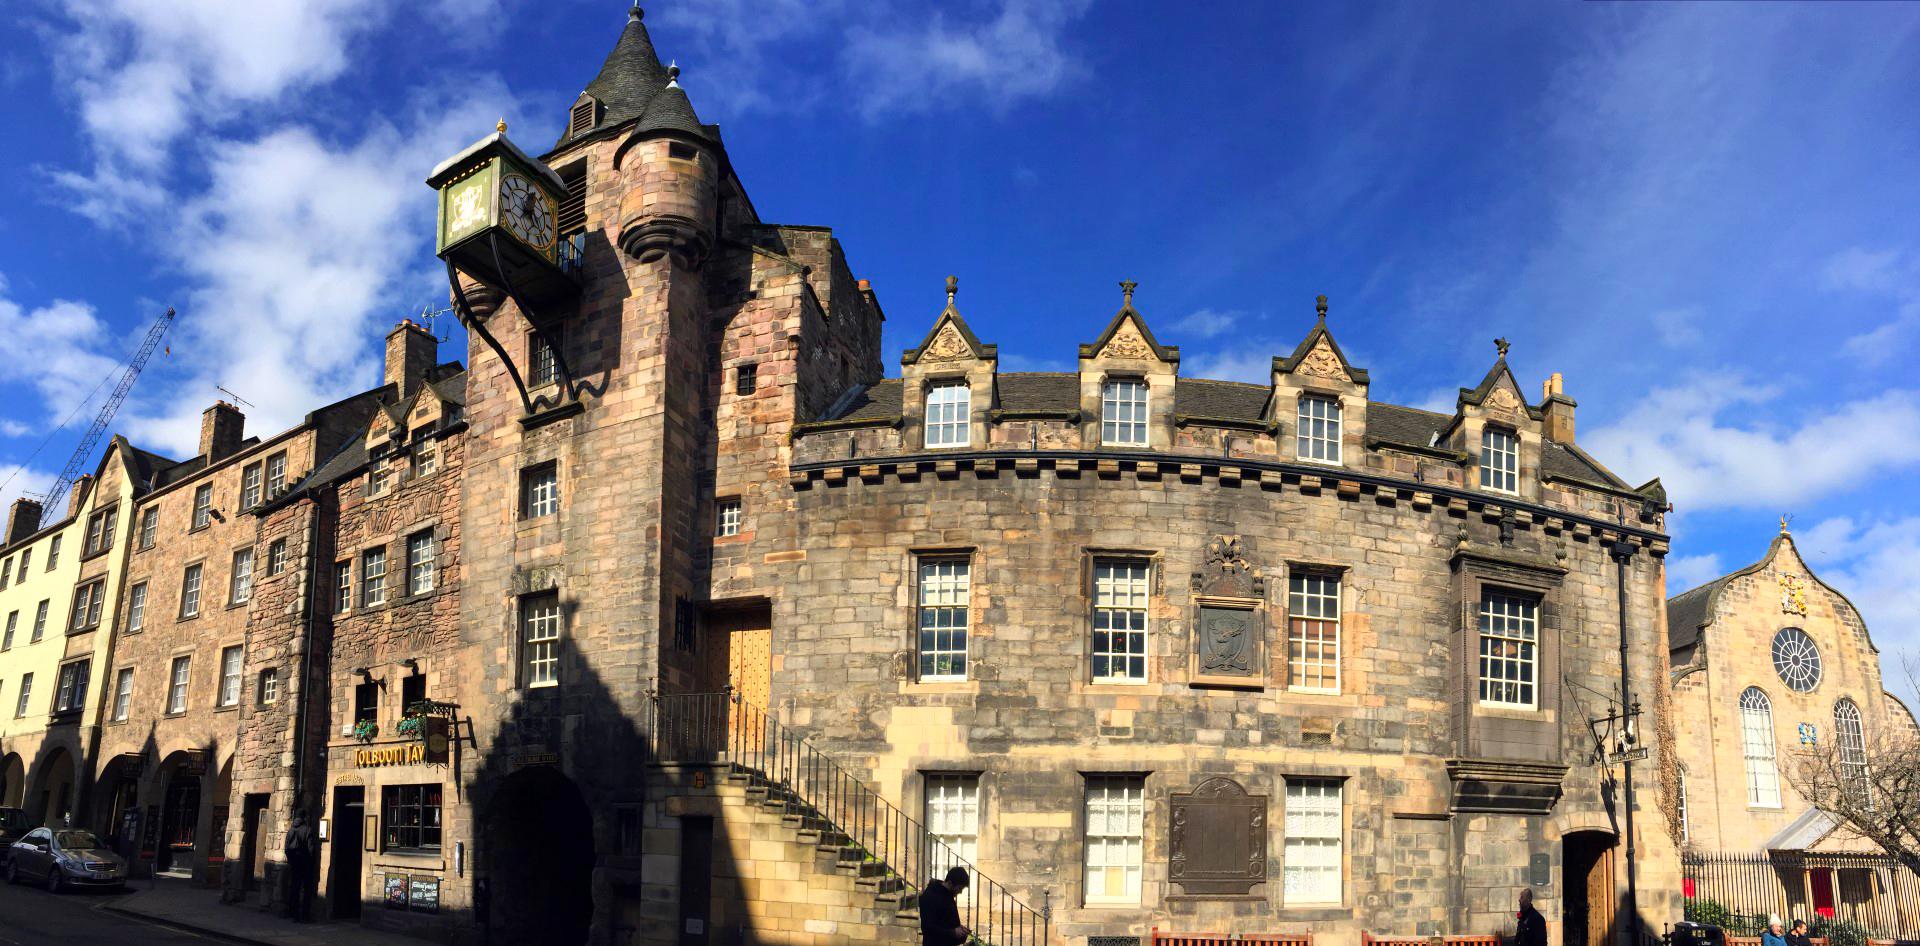 Ruta por Escocia en 4 días escocia en 4 días - 26549766272 261e4f9f72 o - Visitar Escocia en 4 días